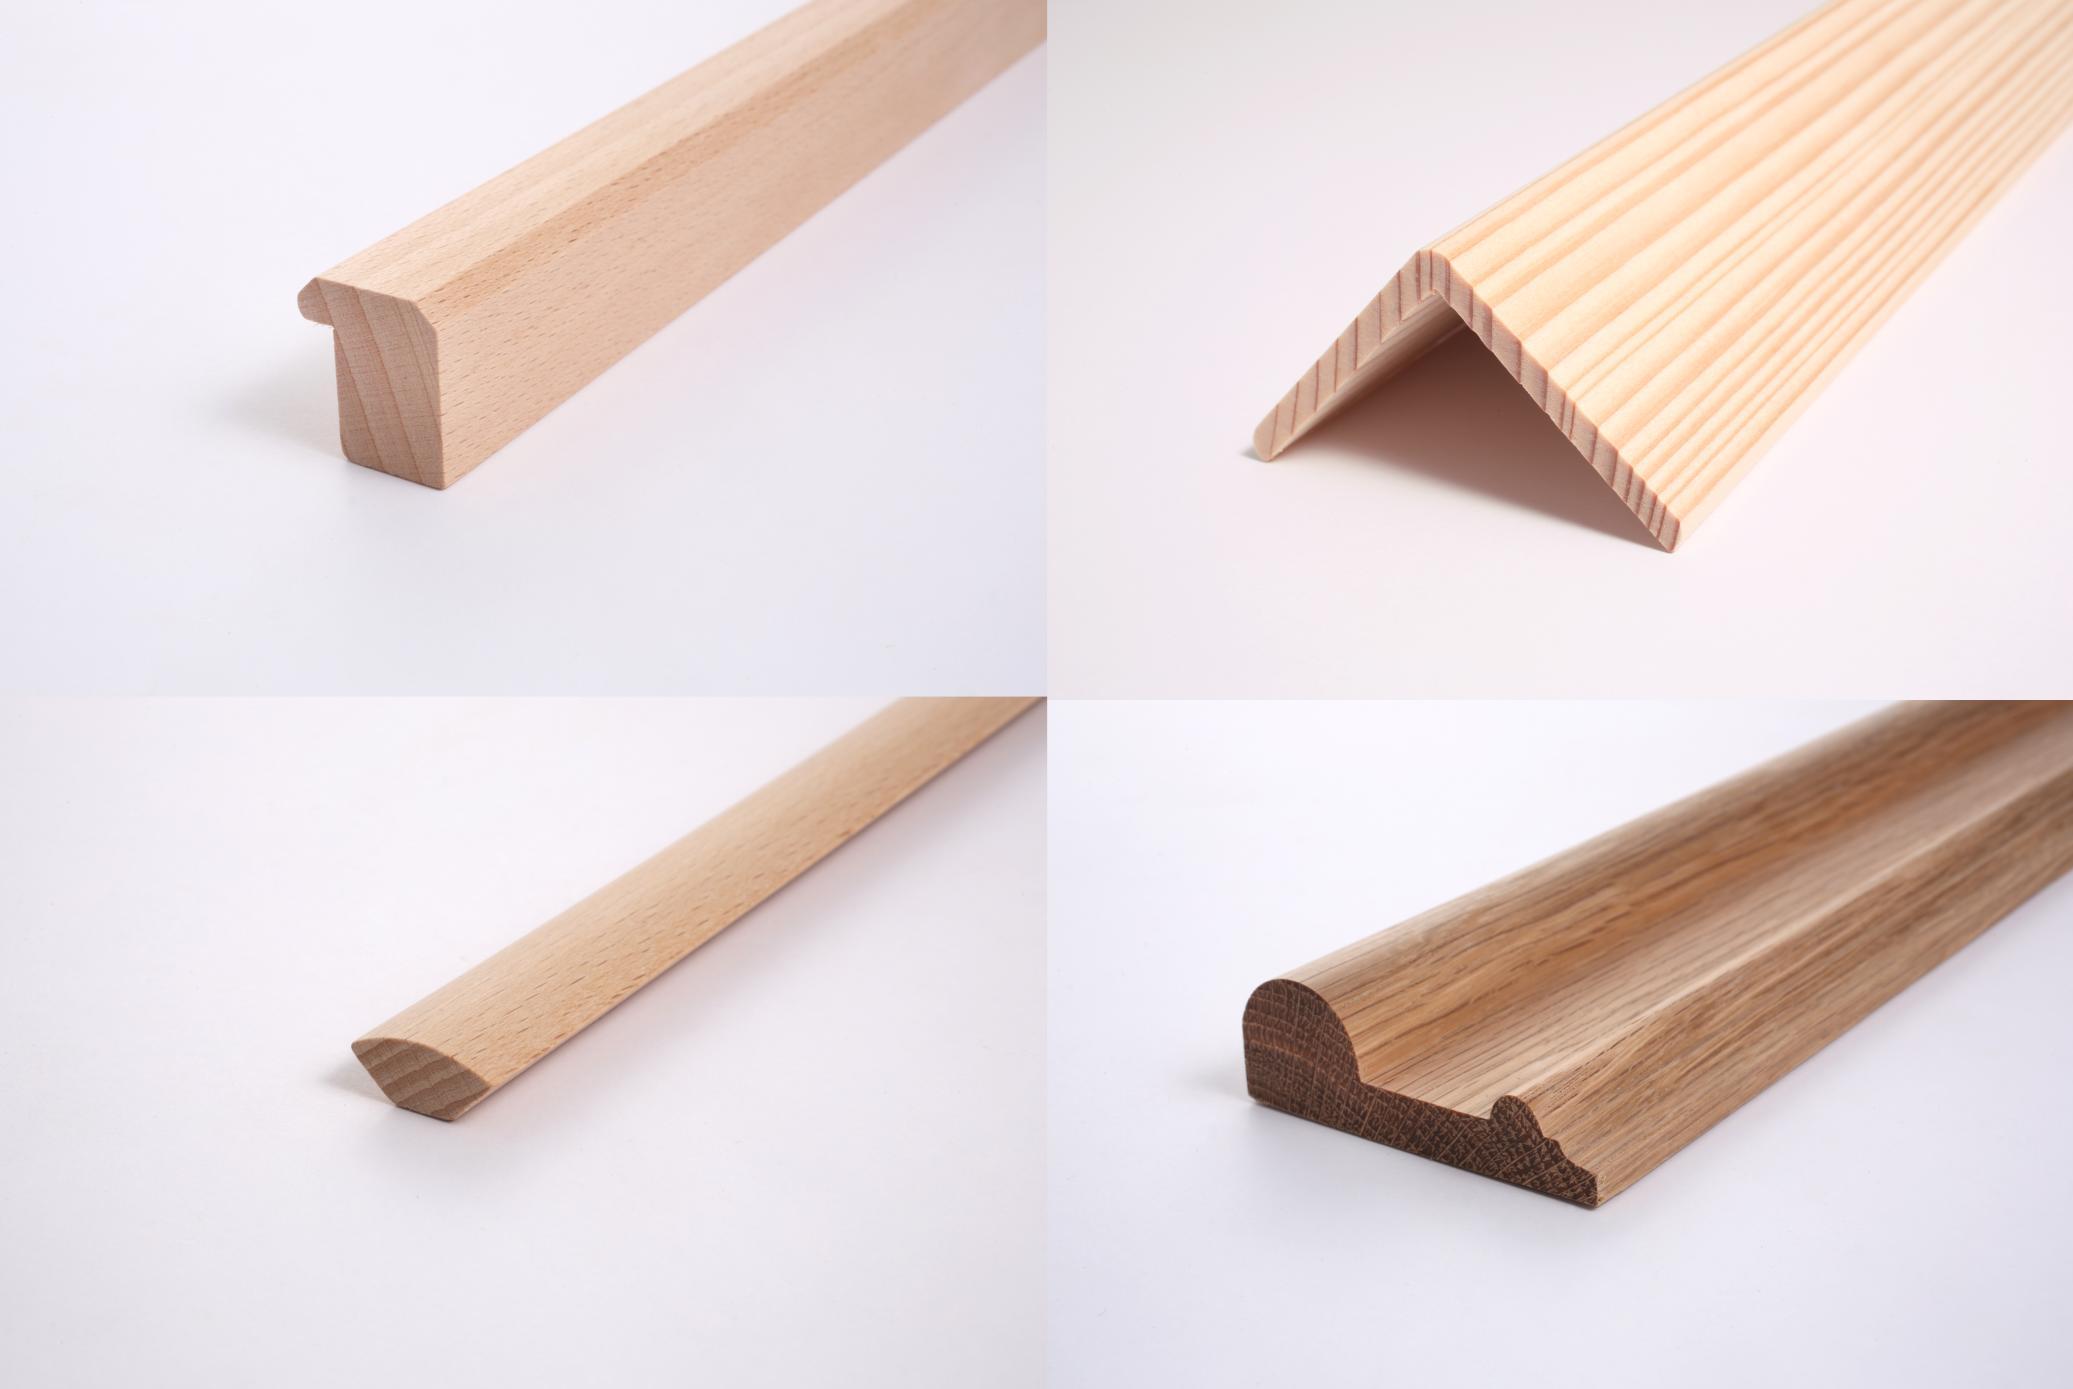 Lišty z masívneho dreva, obaľované lišty.